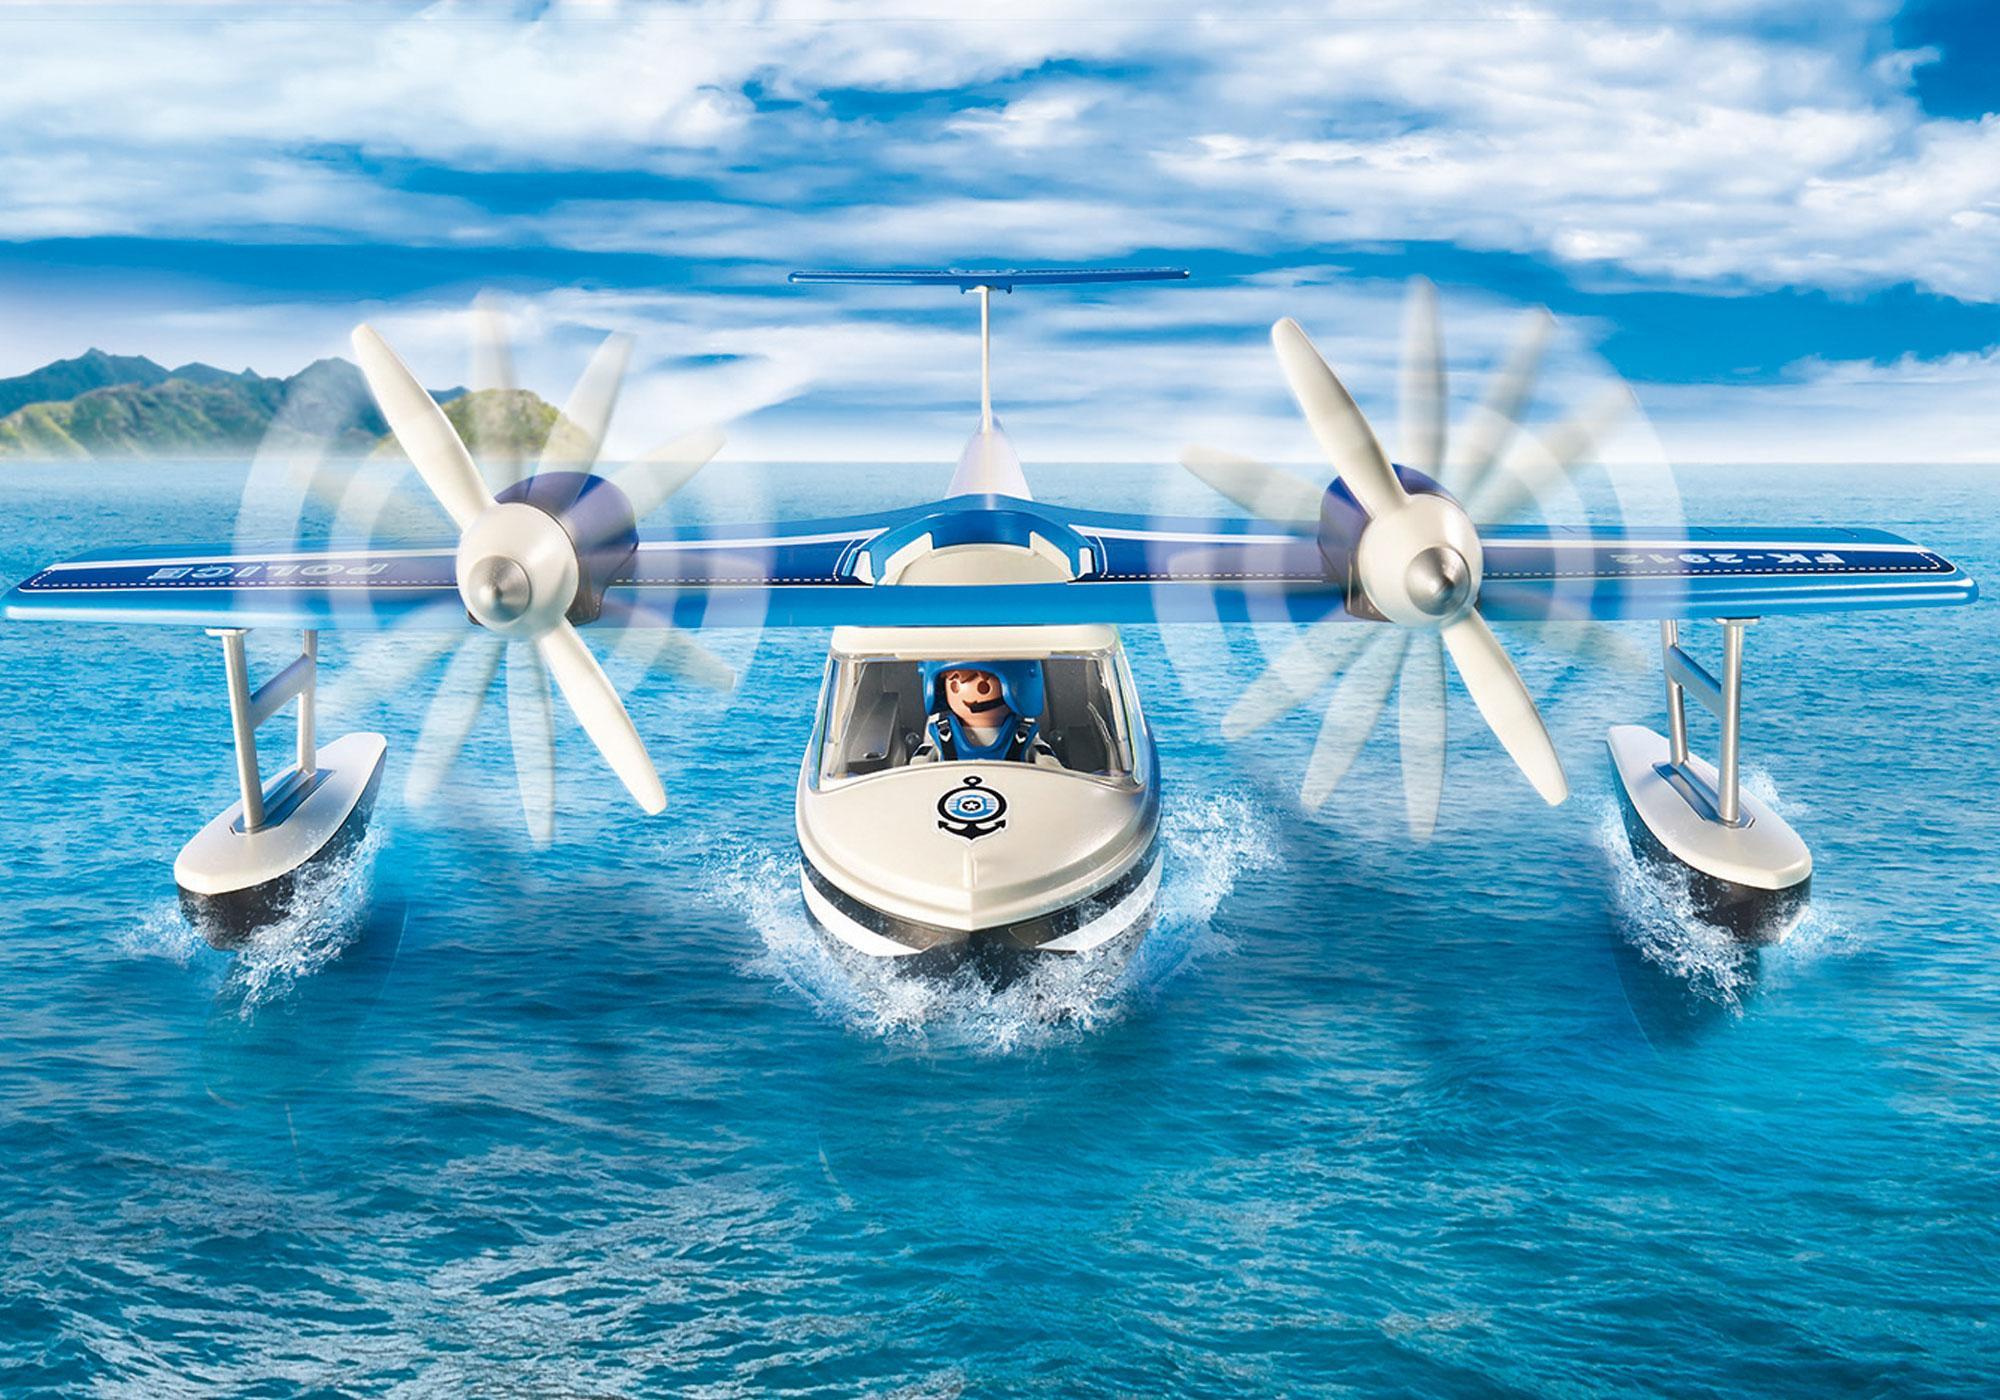 http://media.playmobil.com/i/playmobil/9436_product_extra2/Polizei-Wasserflugzeug